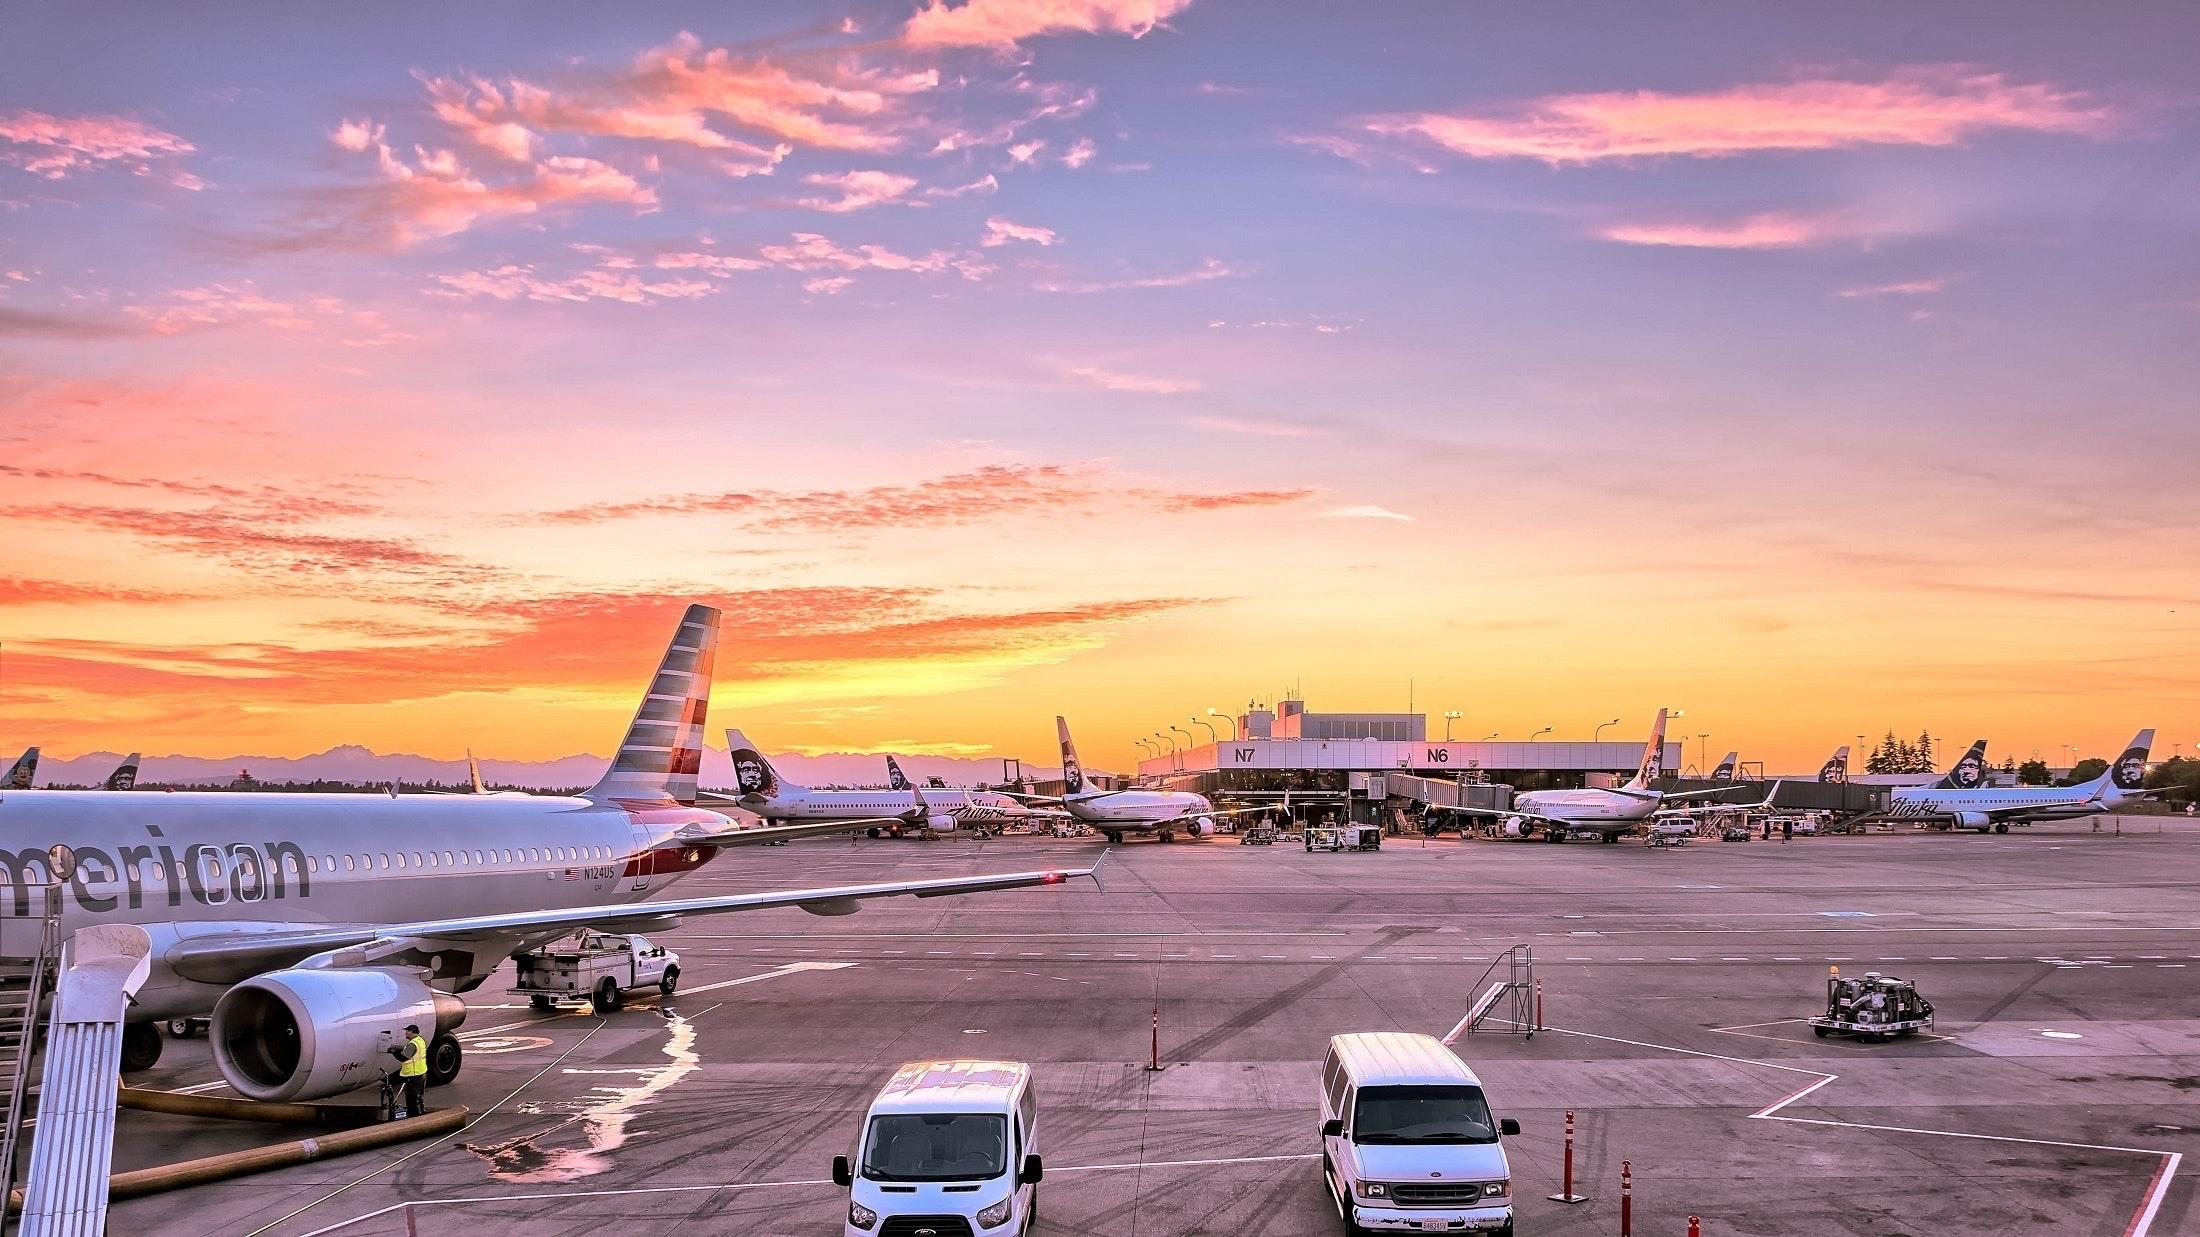 Gjendet bombë në afërsi të aeroportit, pasagjerët bllokohen në bordin e avionëve